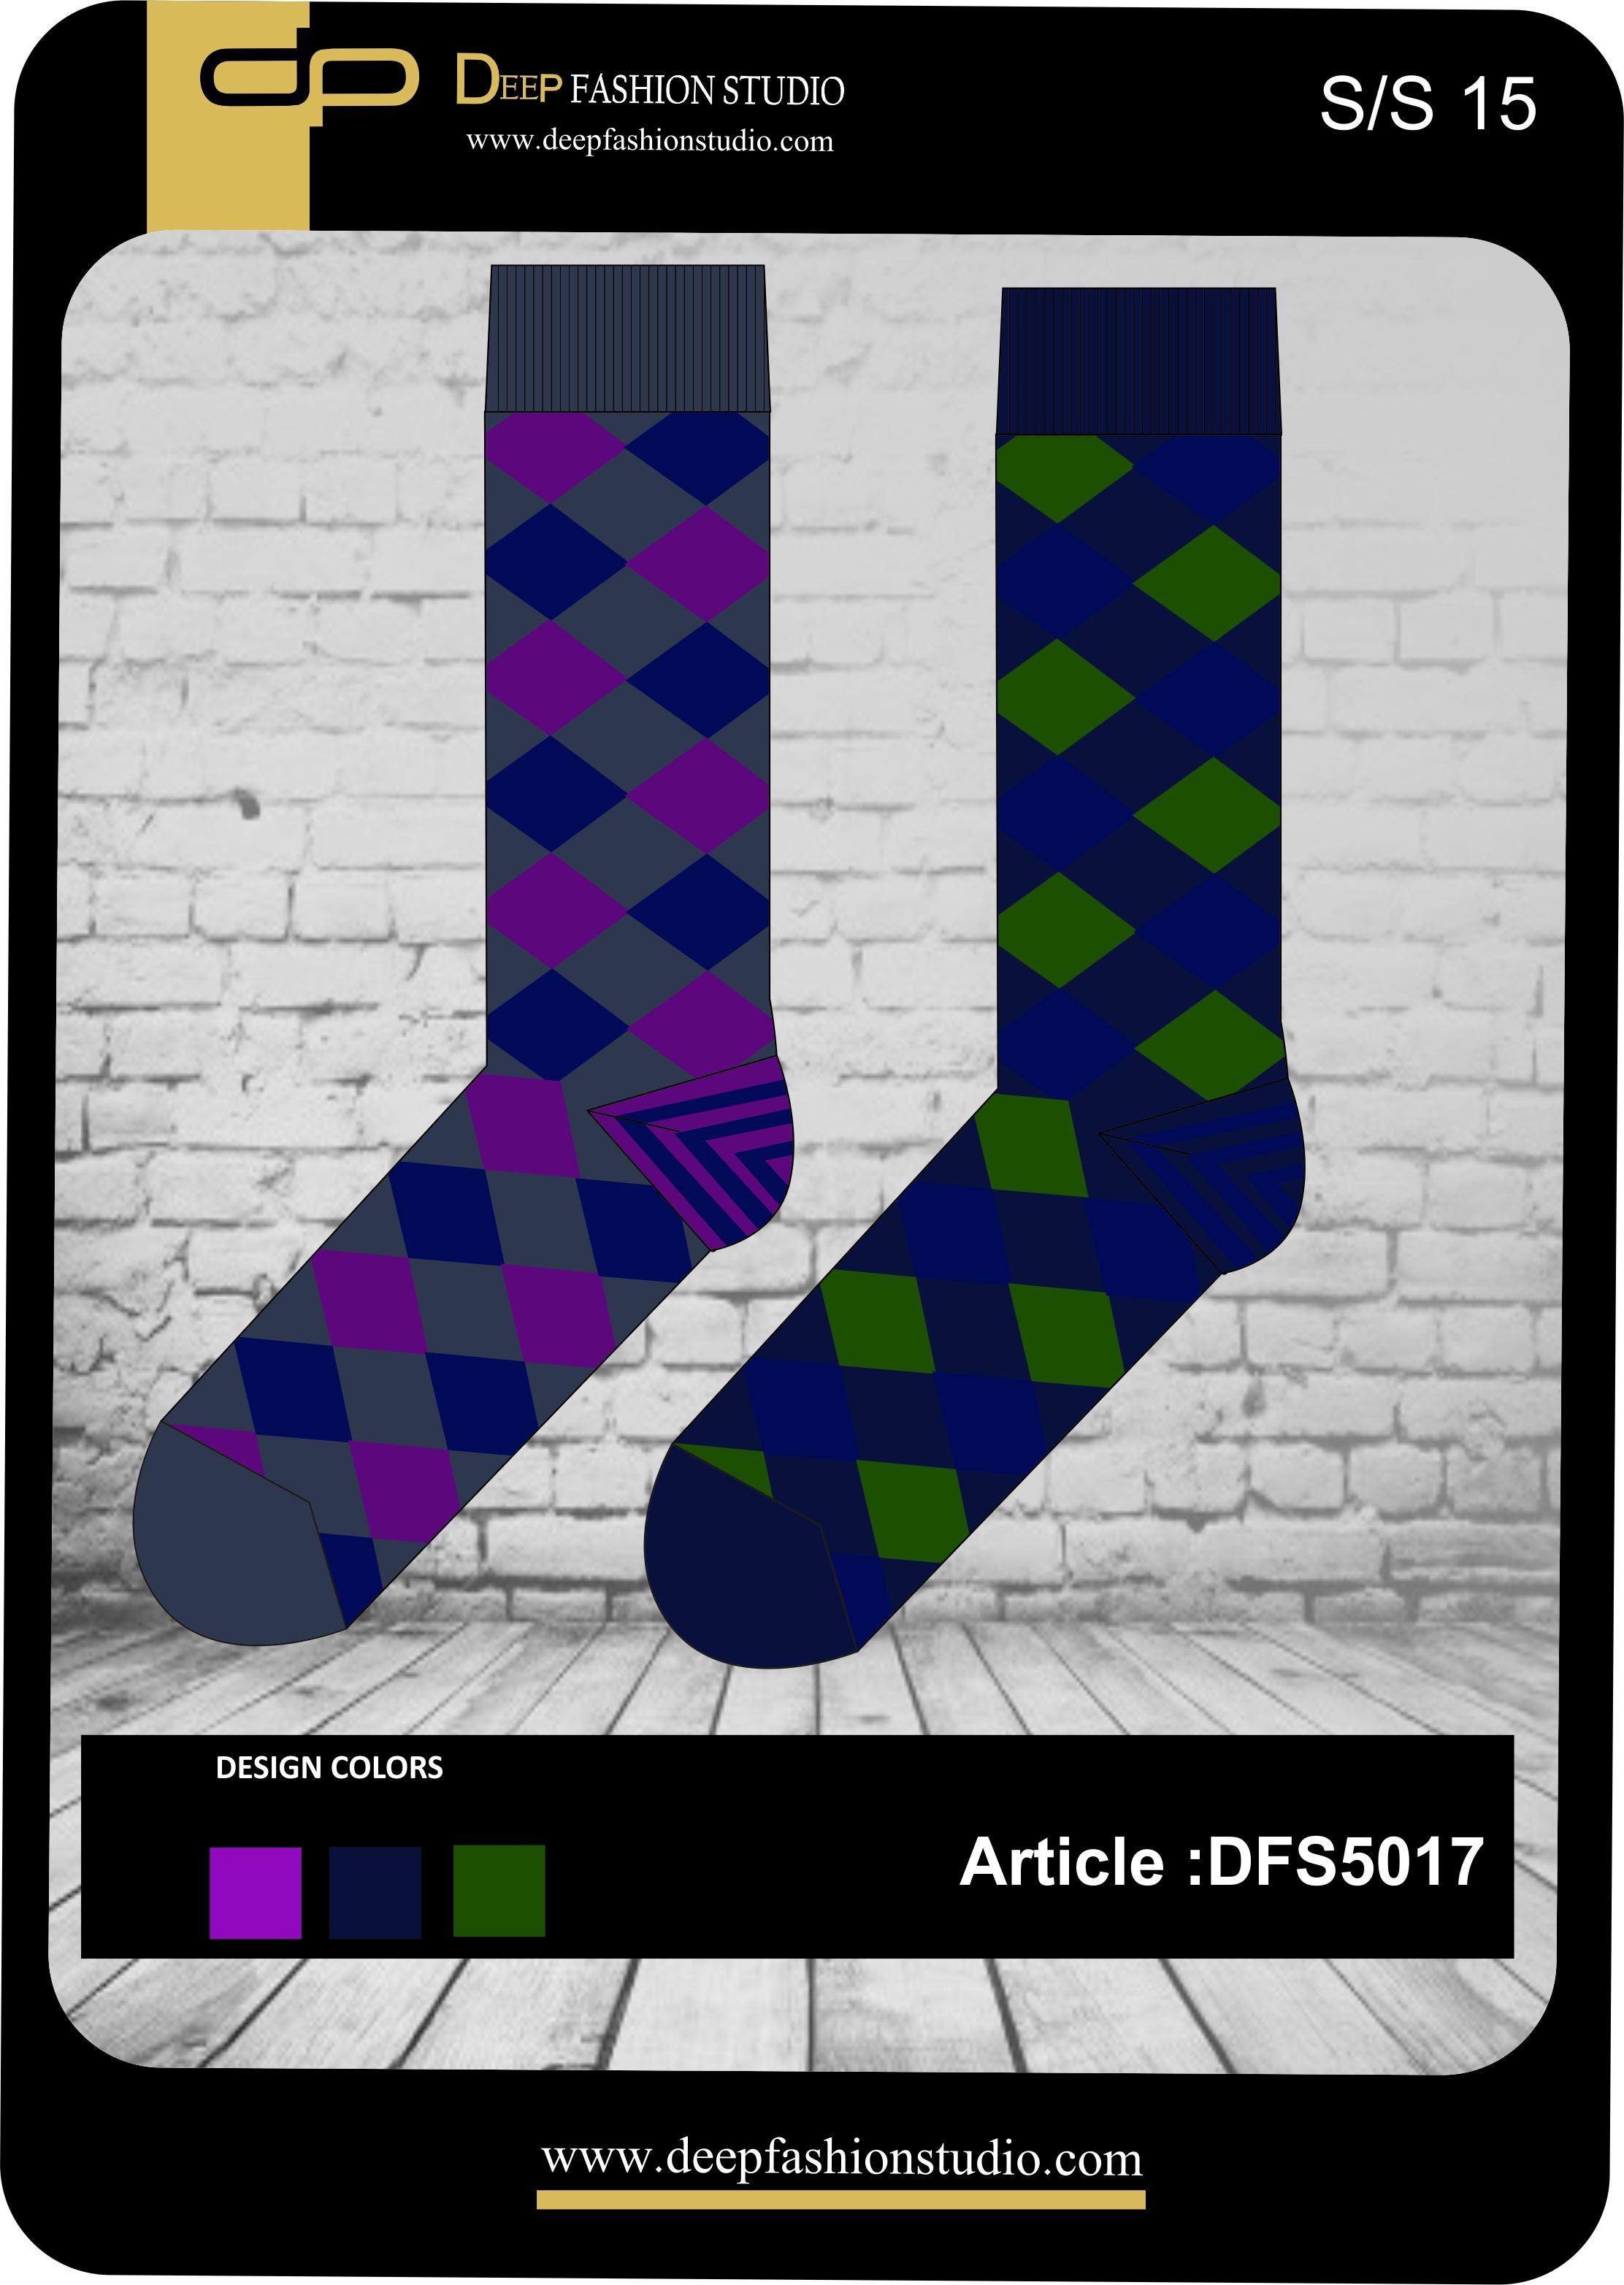 dfs5017